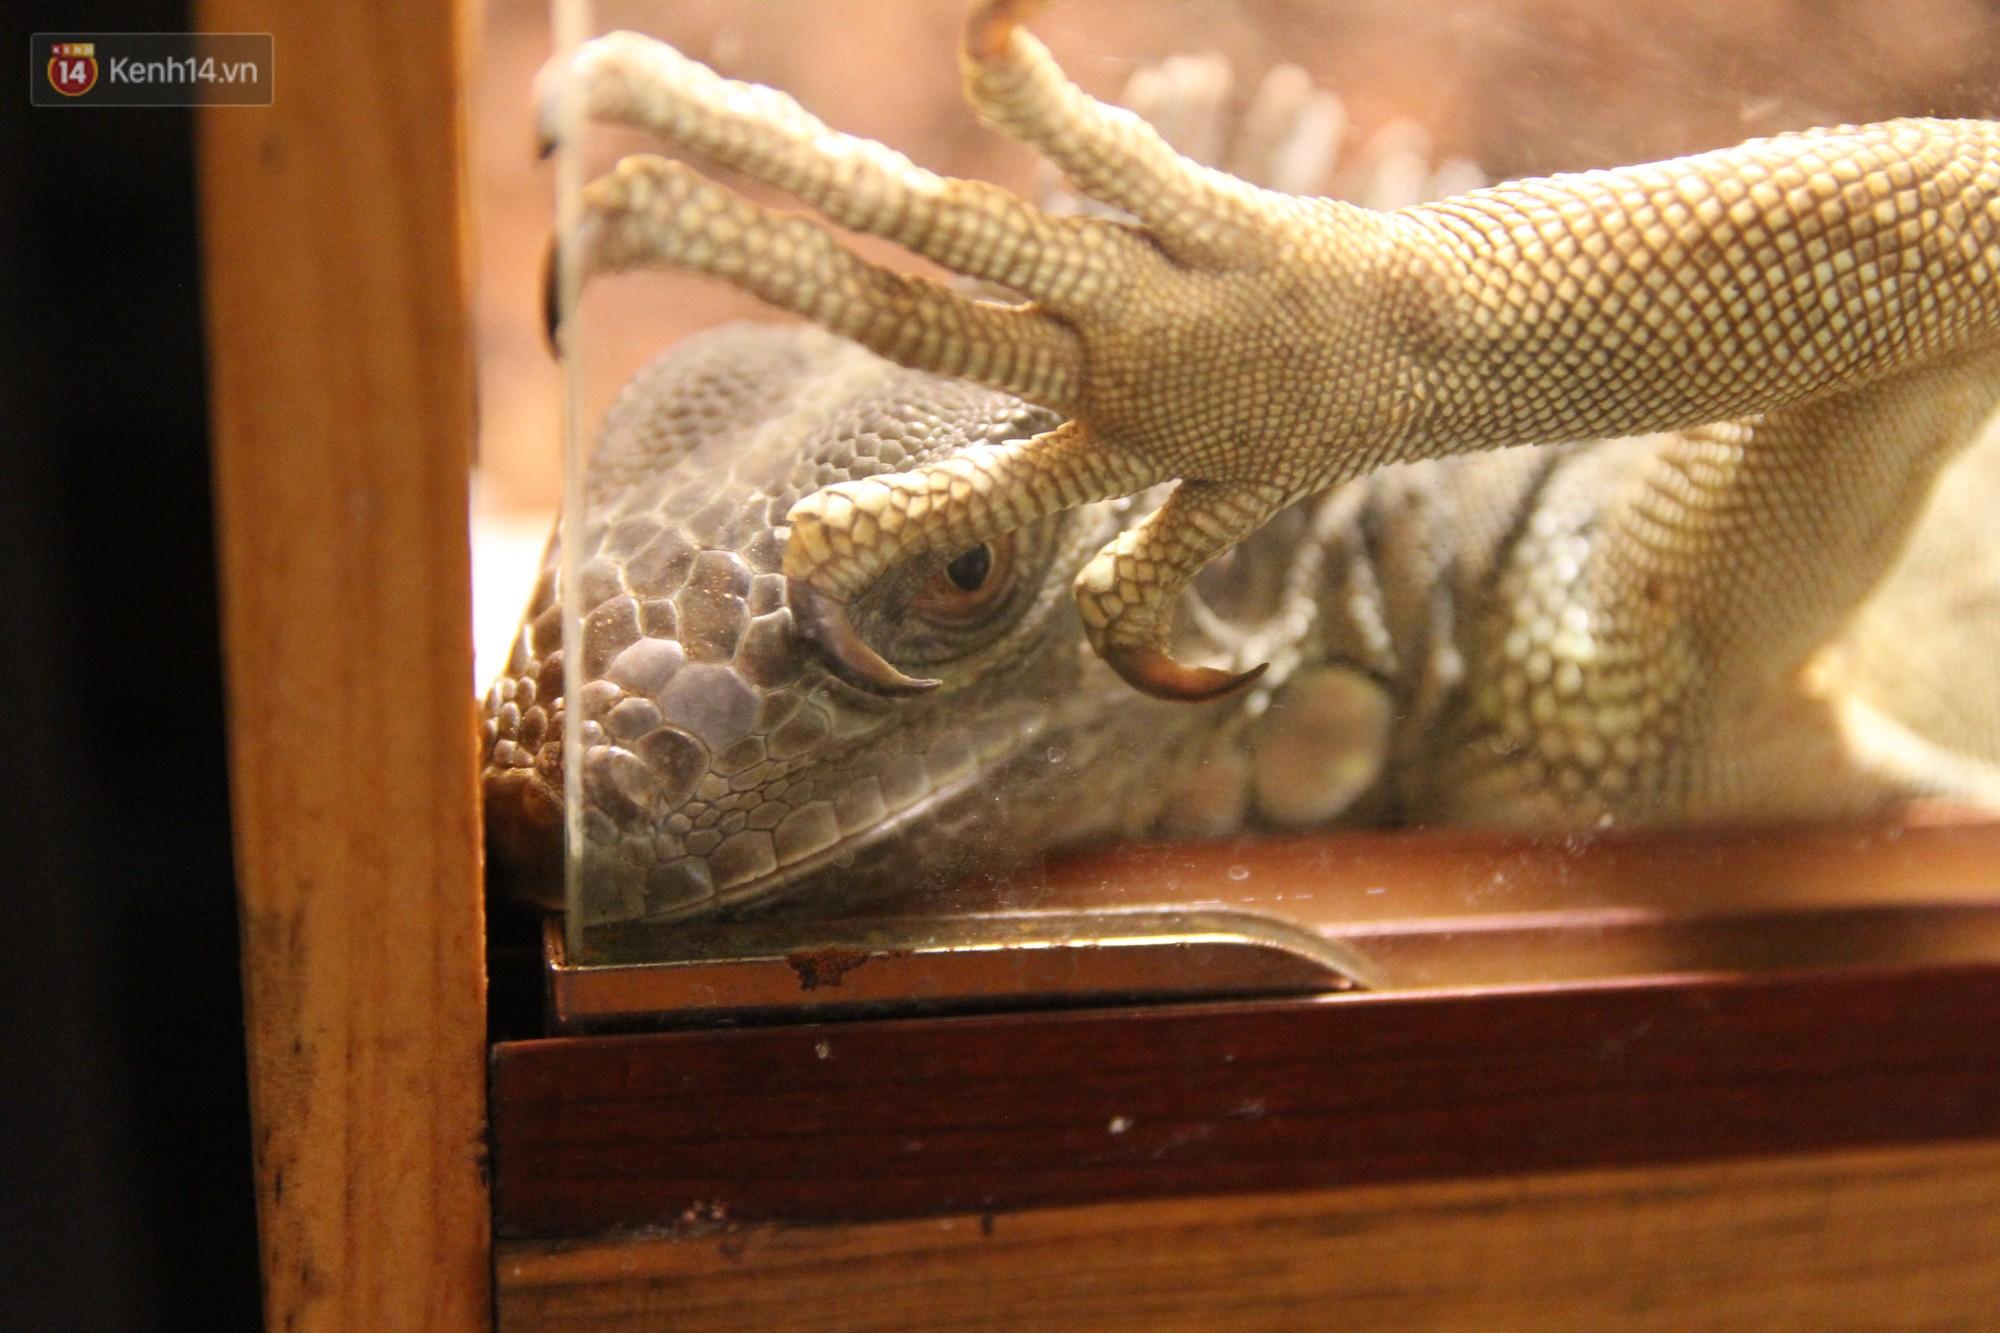 Ông bố trẻ ở Hà Nội và bộ sưu tập những con vật nhìn thôi đã sợ: Đủ các loài rắn, nhện, ếch cho đến rồng đất - Ảnh 11.